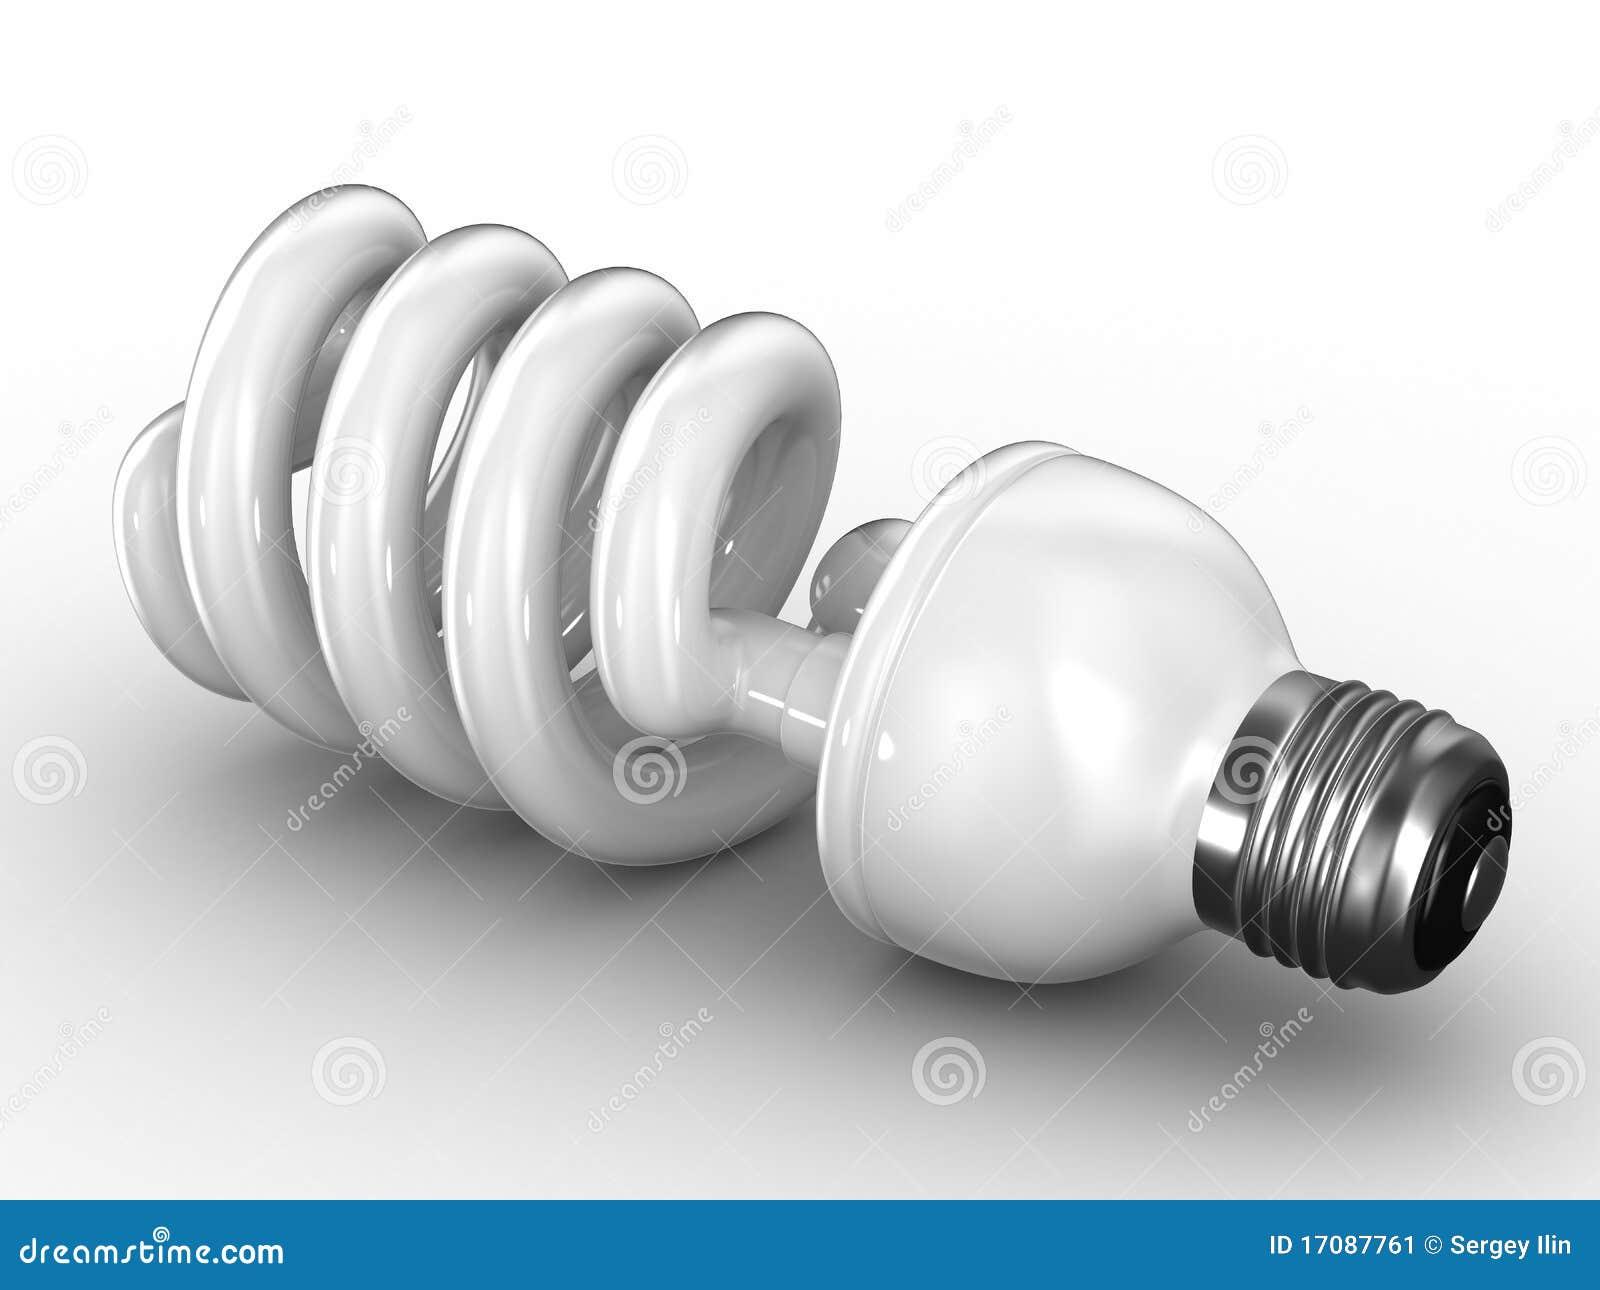 Energiesparender Fühler auf weißem Hintergrund